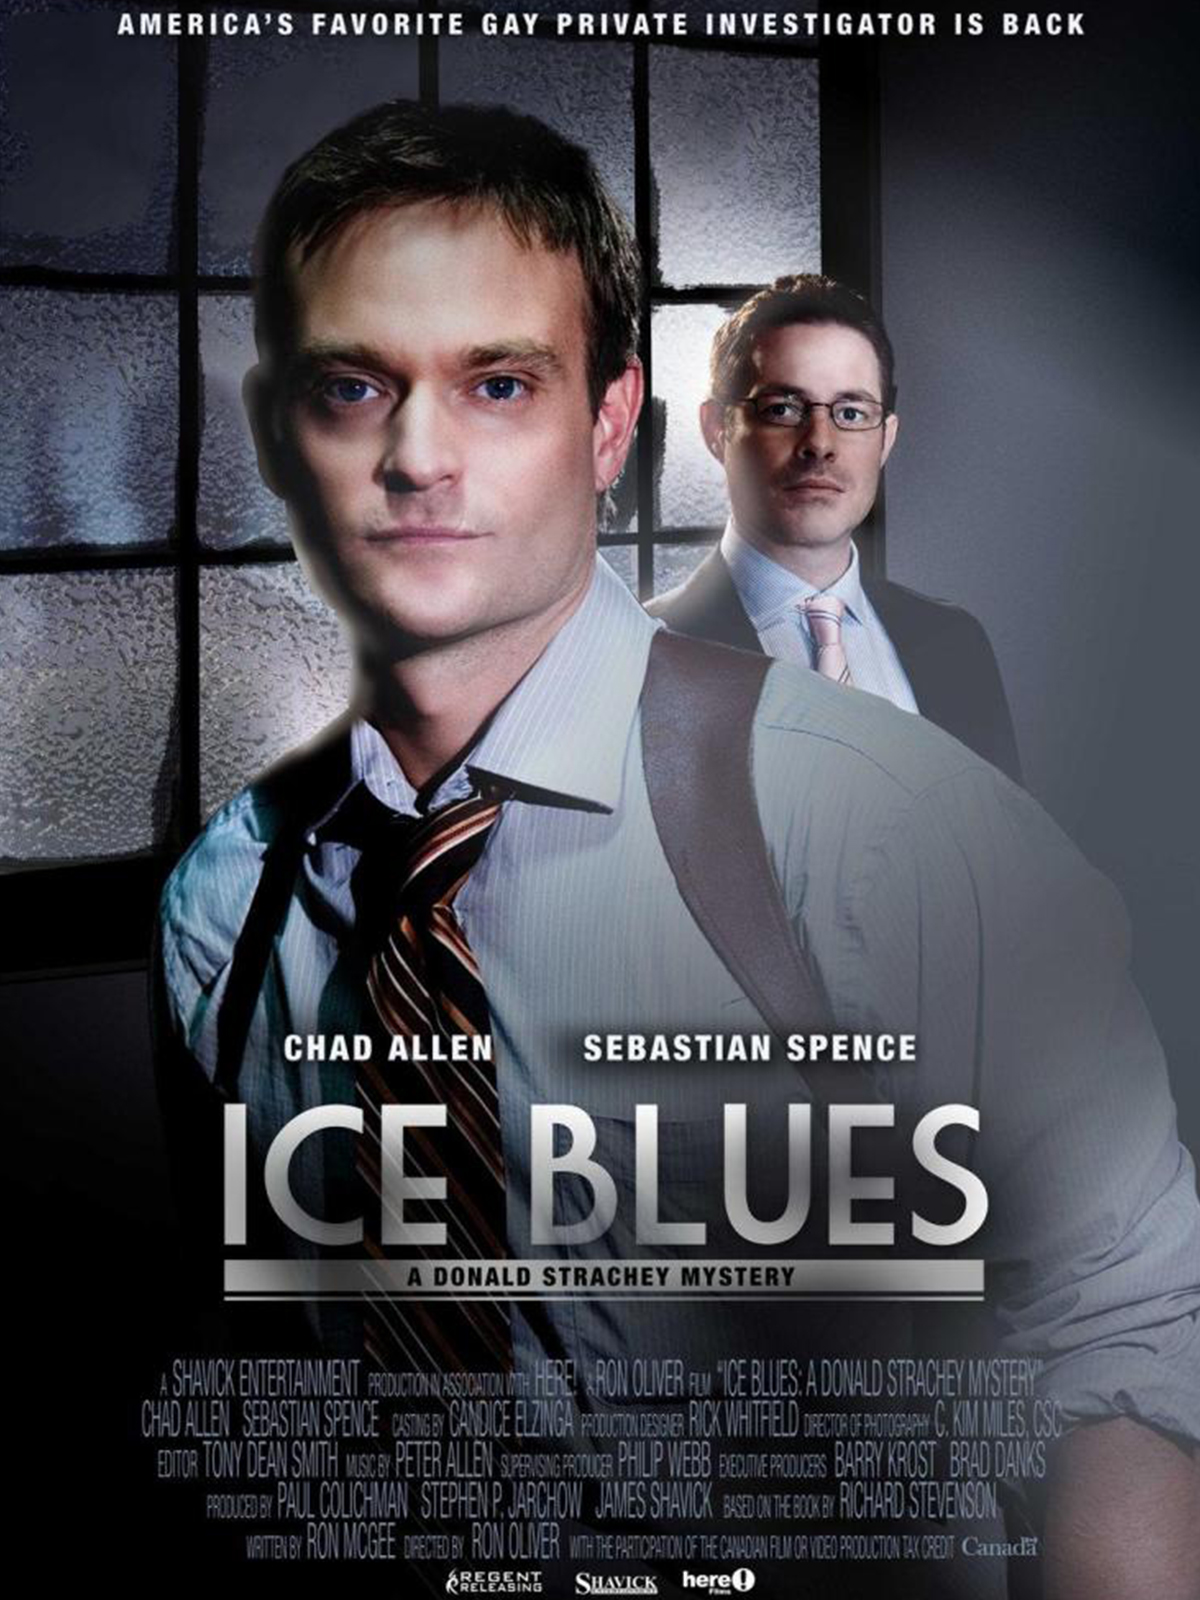 Here-IceBlues-Full-Image-en-US.jpg